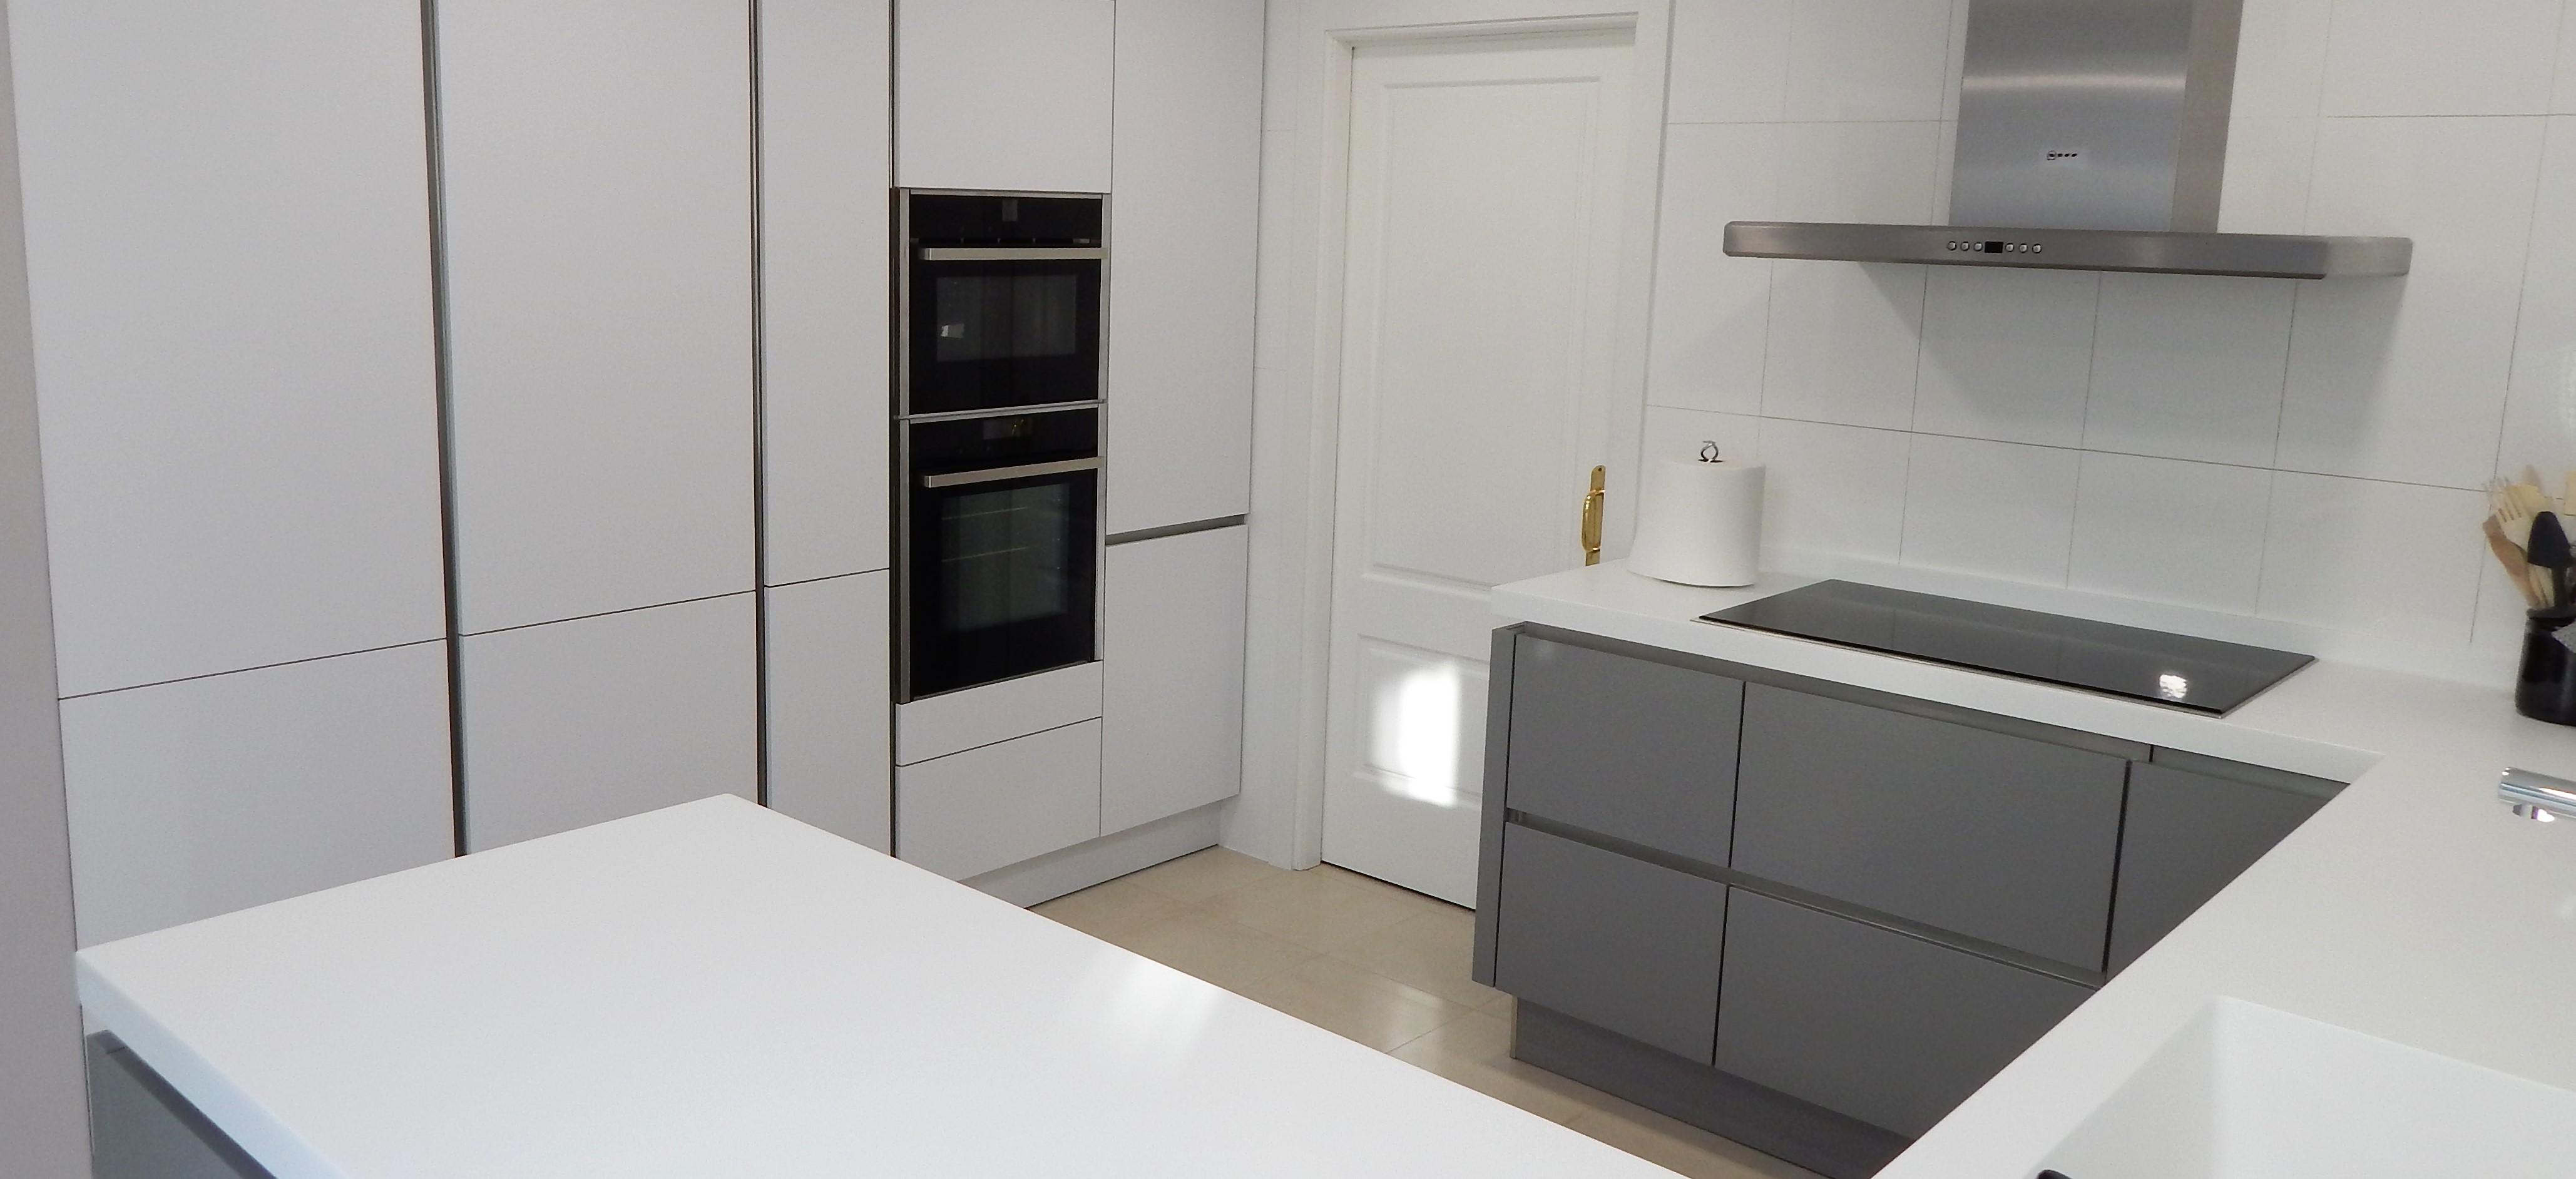 Muebles de cocina laser gris perla y blanco for Muebles blancos y grises